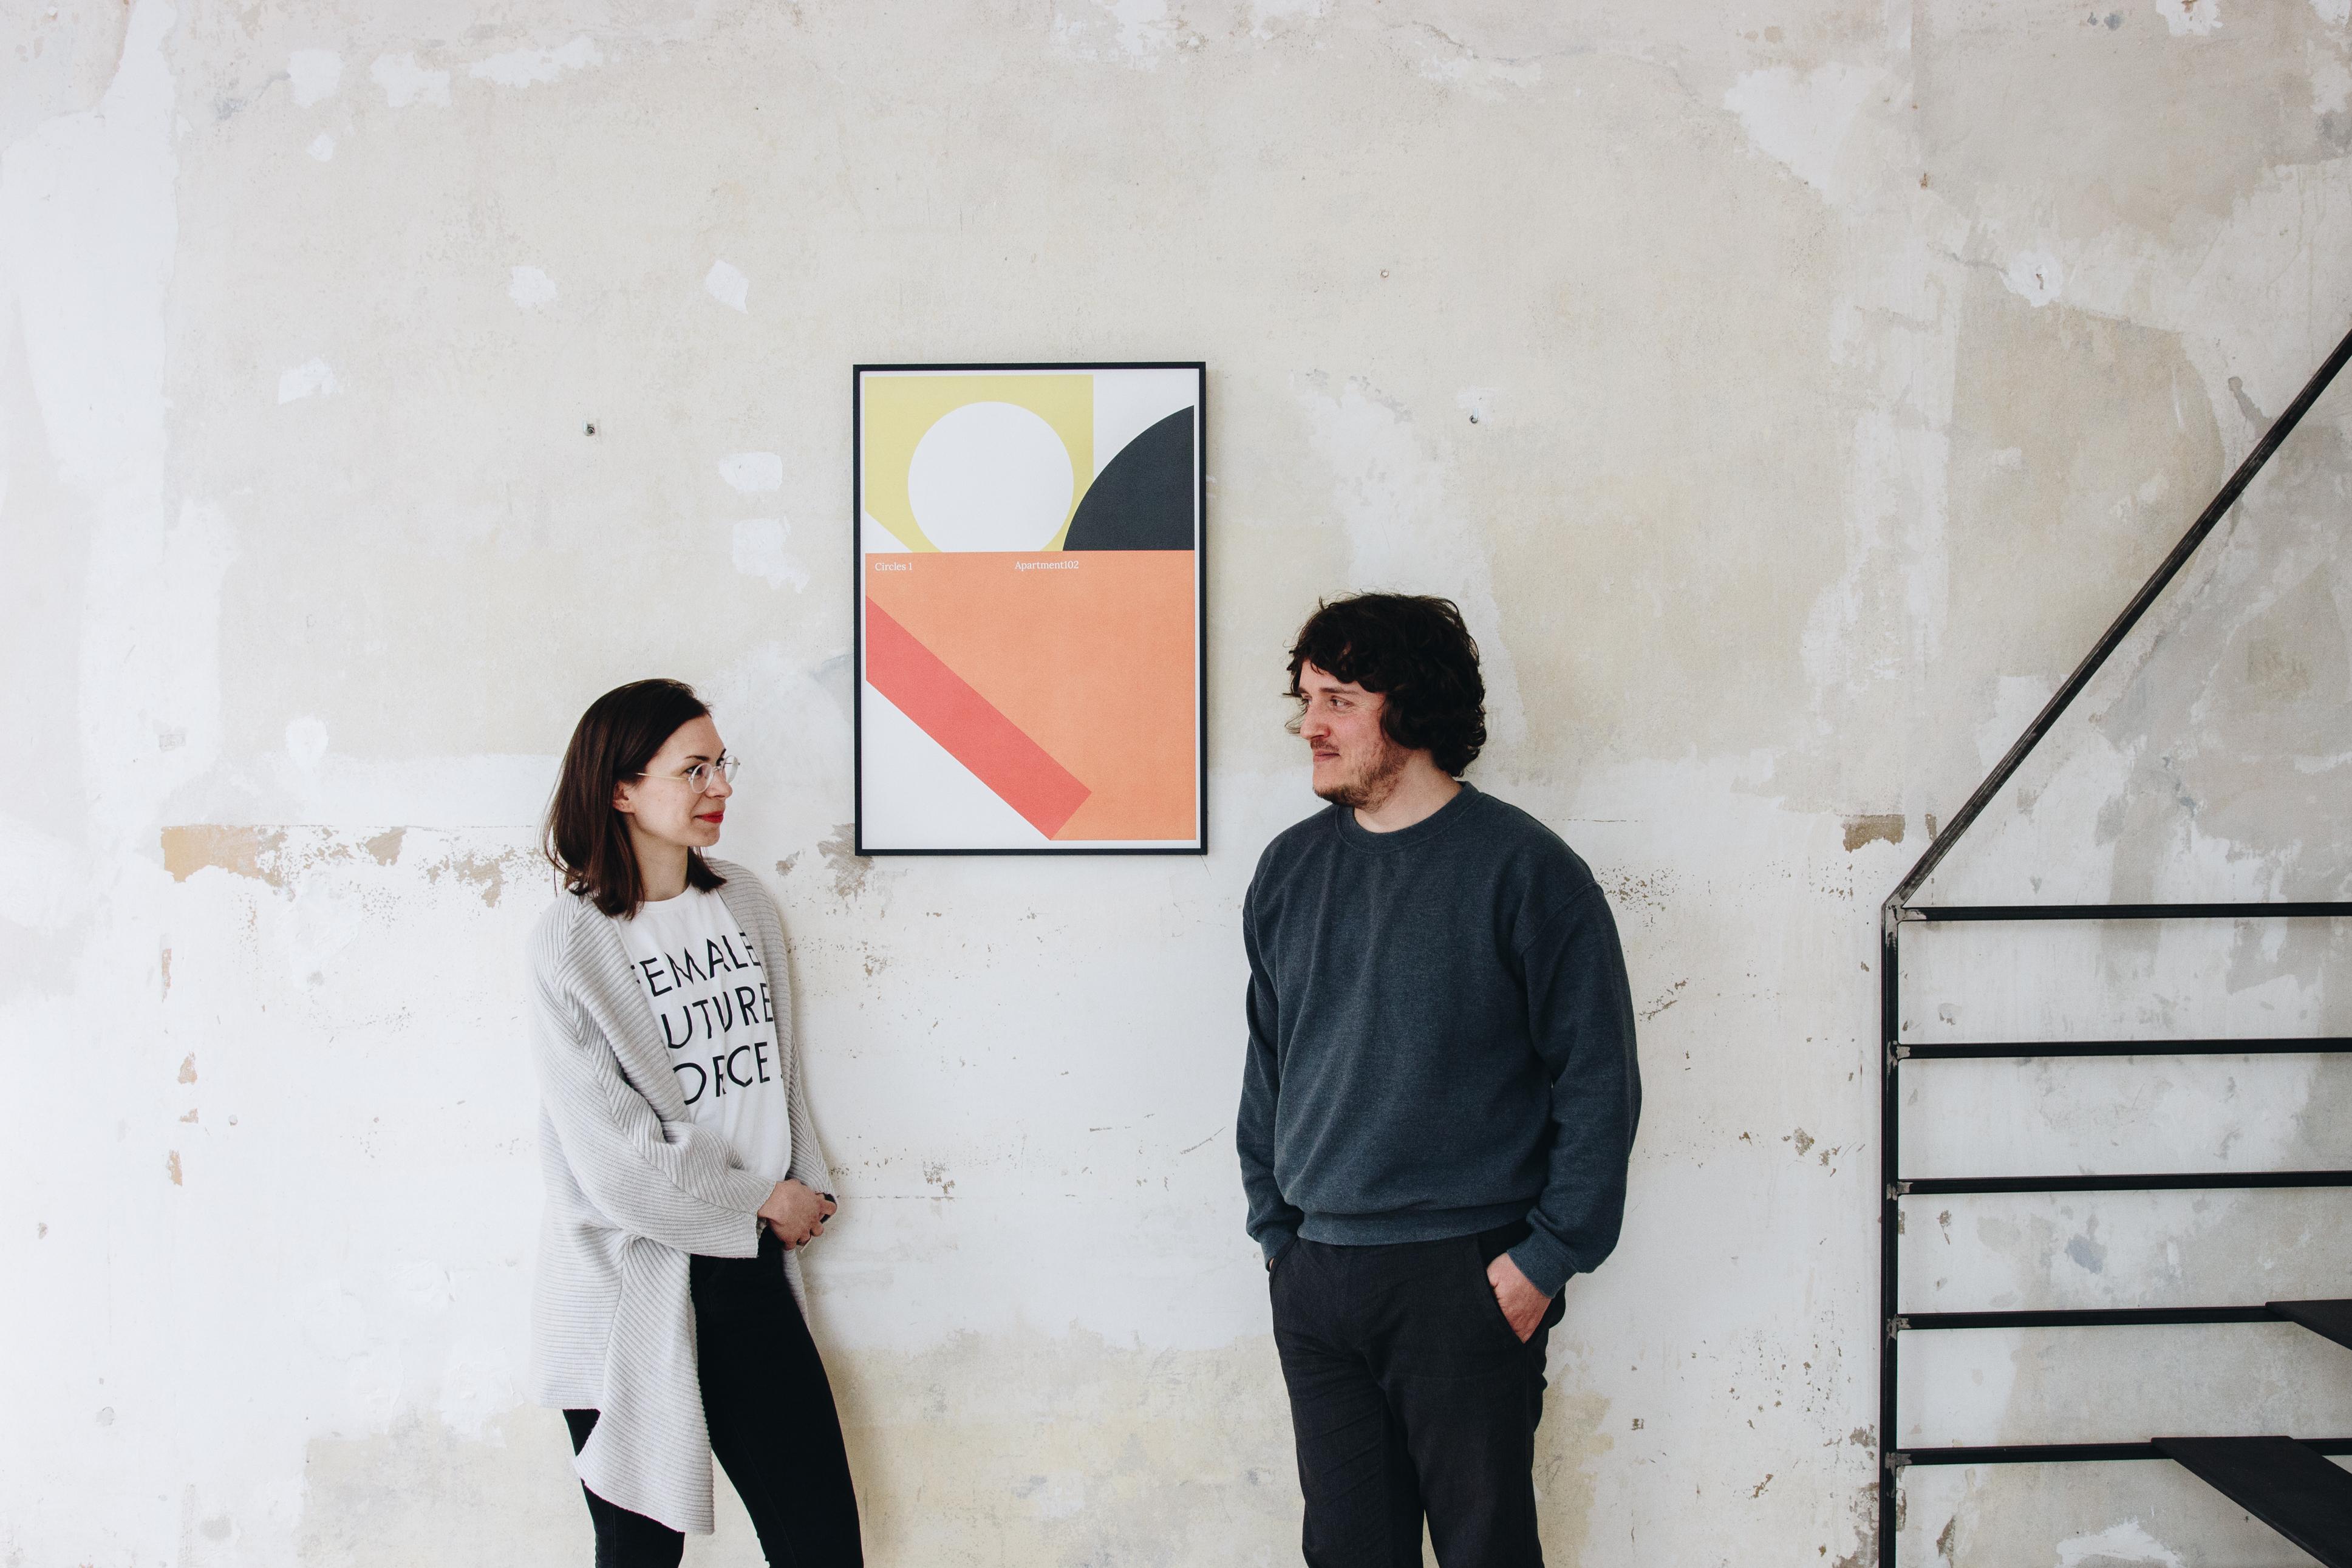 apartment102-annabelle sagt-mindt design studio-yoga-pierre von helden-leipzig26